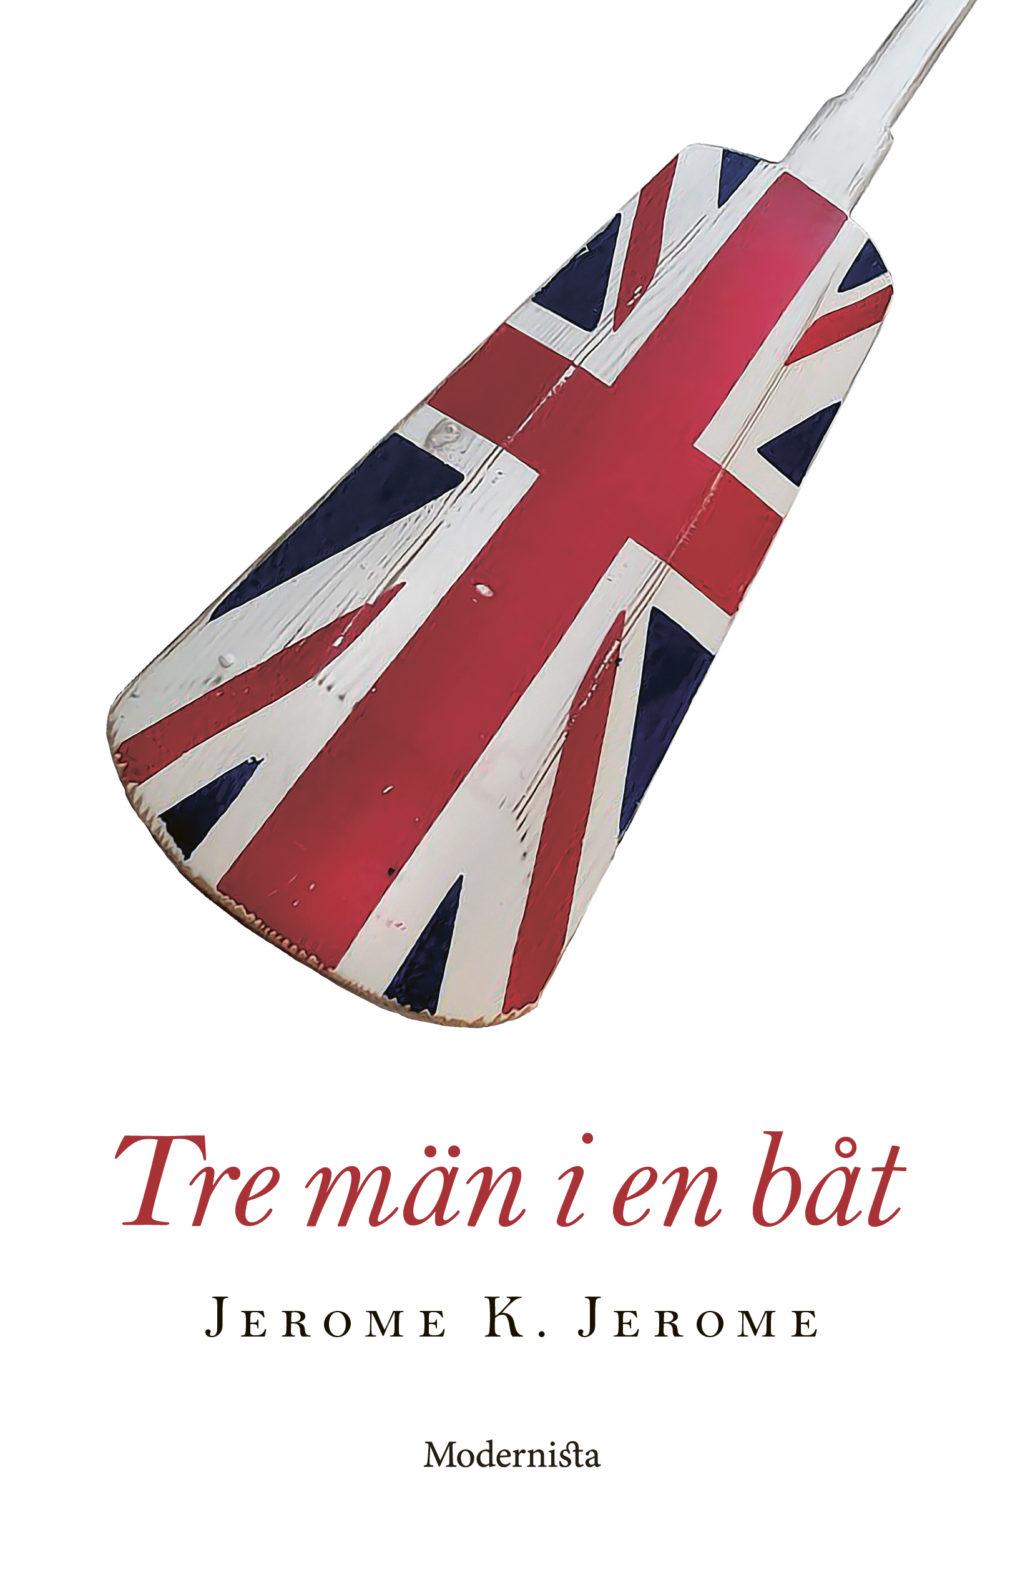 jerome_tre_man_i_en_bat_omslag_inb